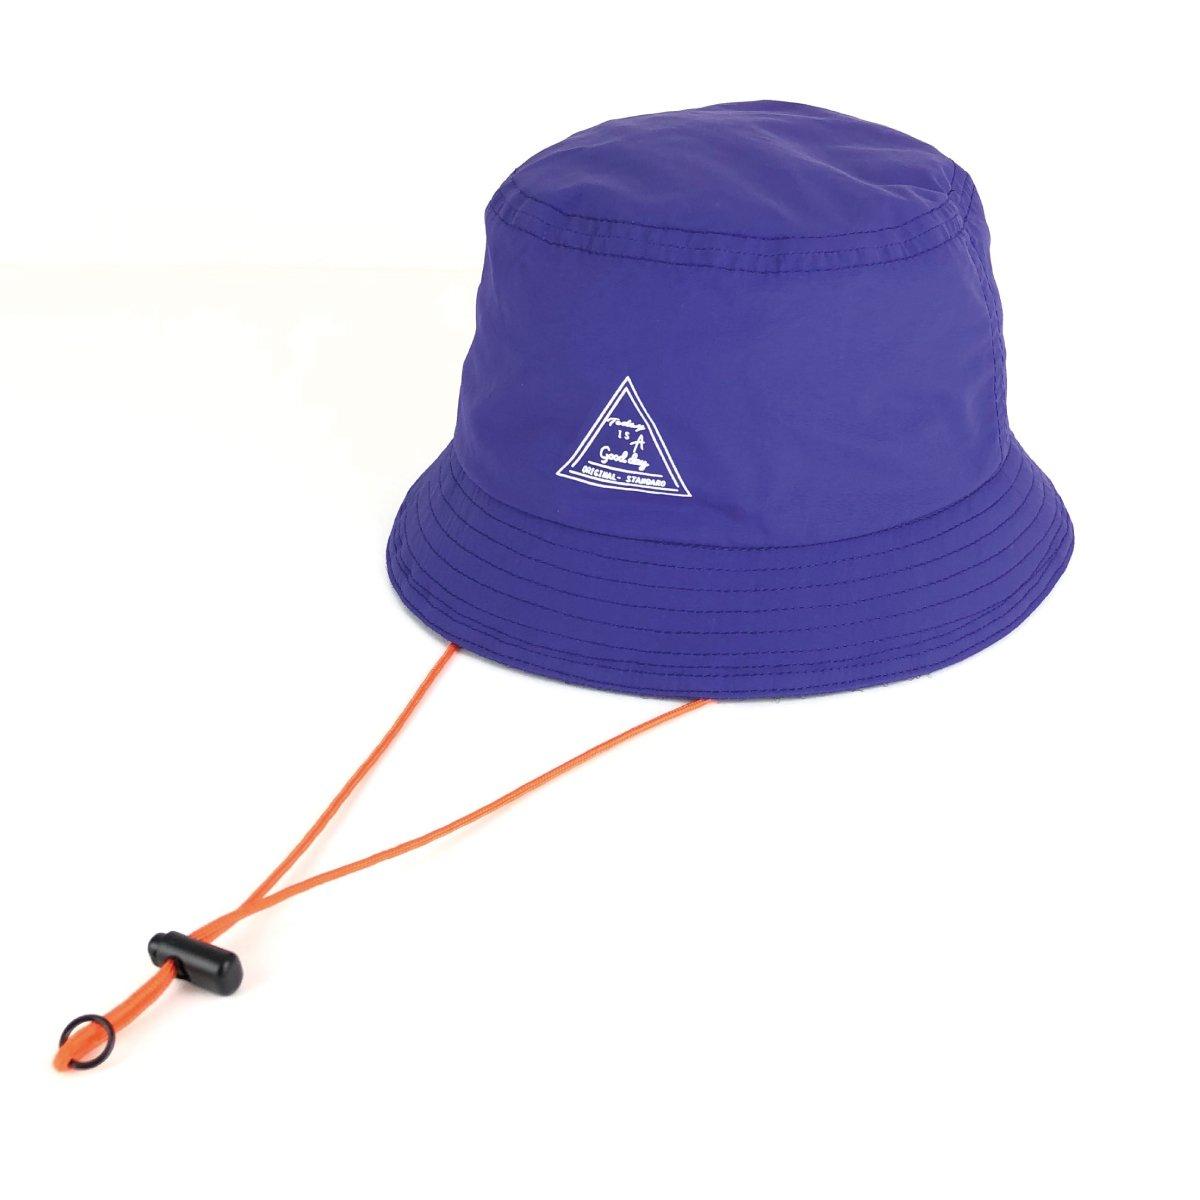 【KIDS】Kids Obey Hat 詳細画像5